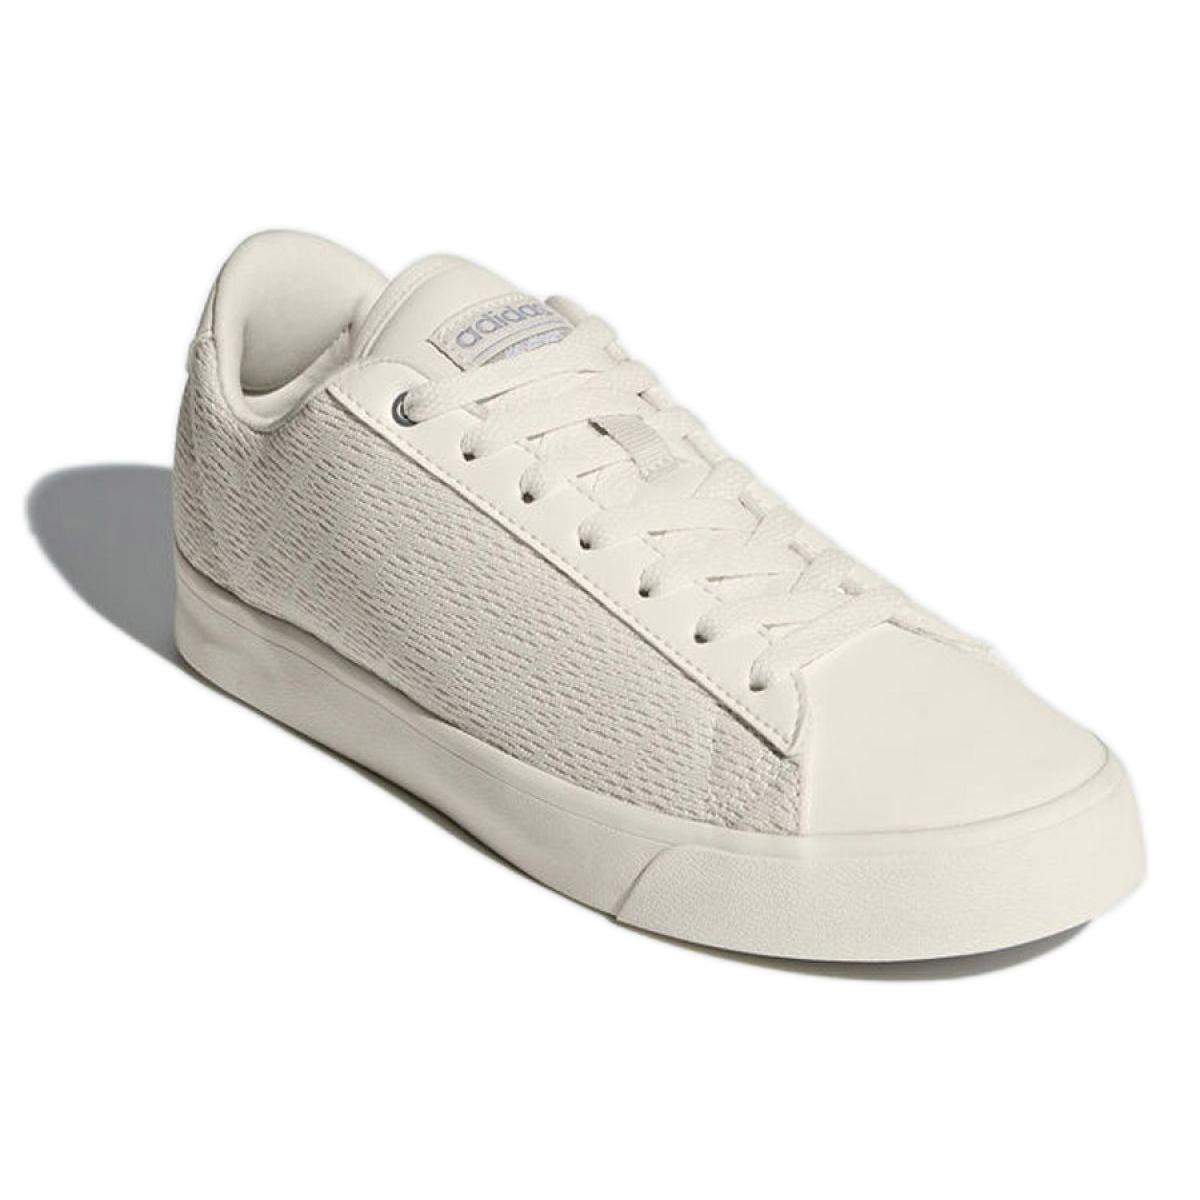 bianca Adidas Sport Ispirato Cloudfoam Daily  Qt Clean scarpe in DB1738  prima qualità ai consumatori